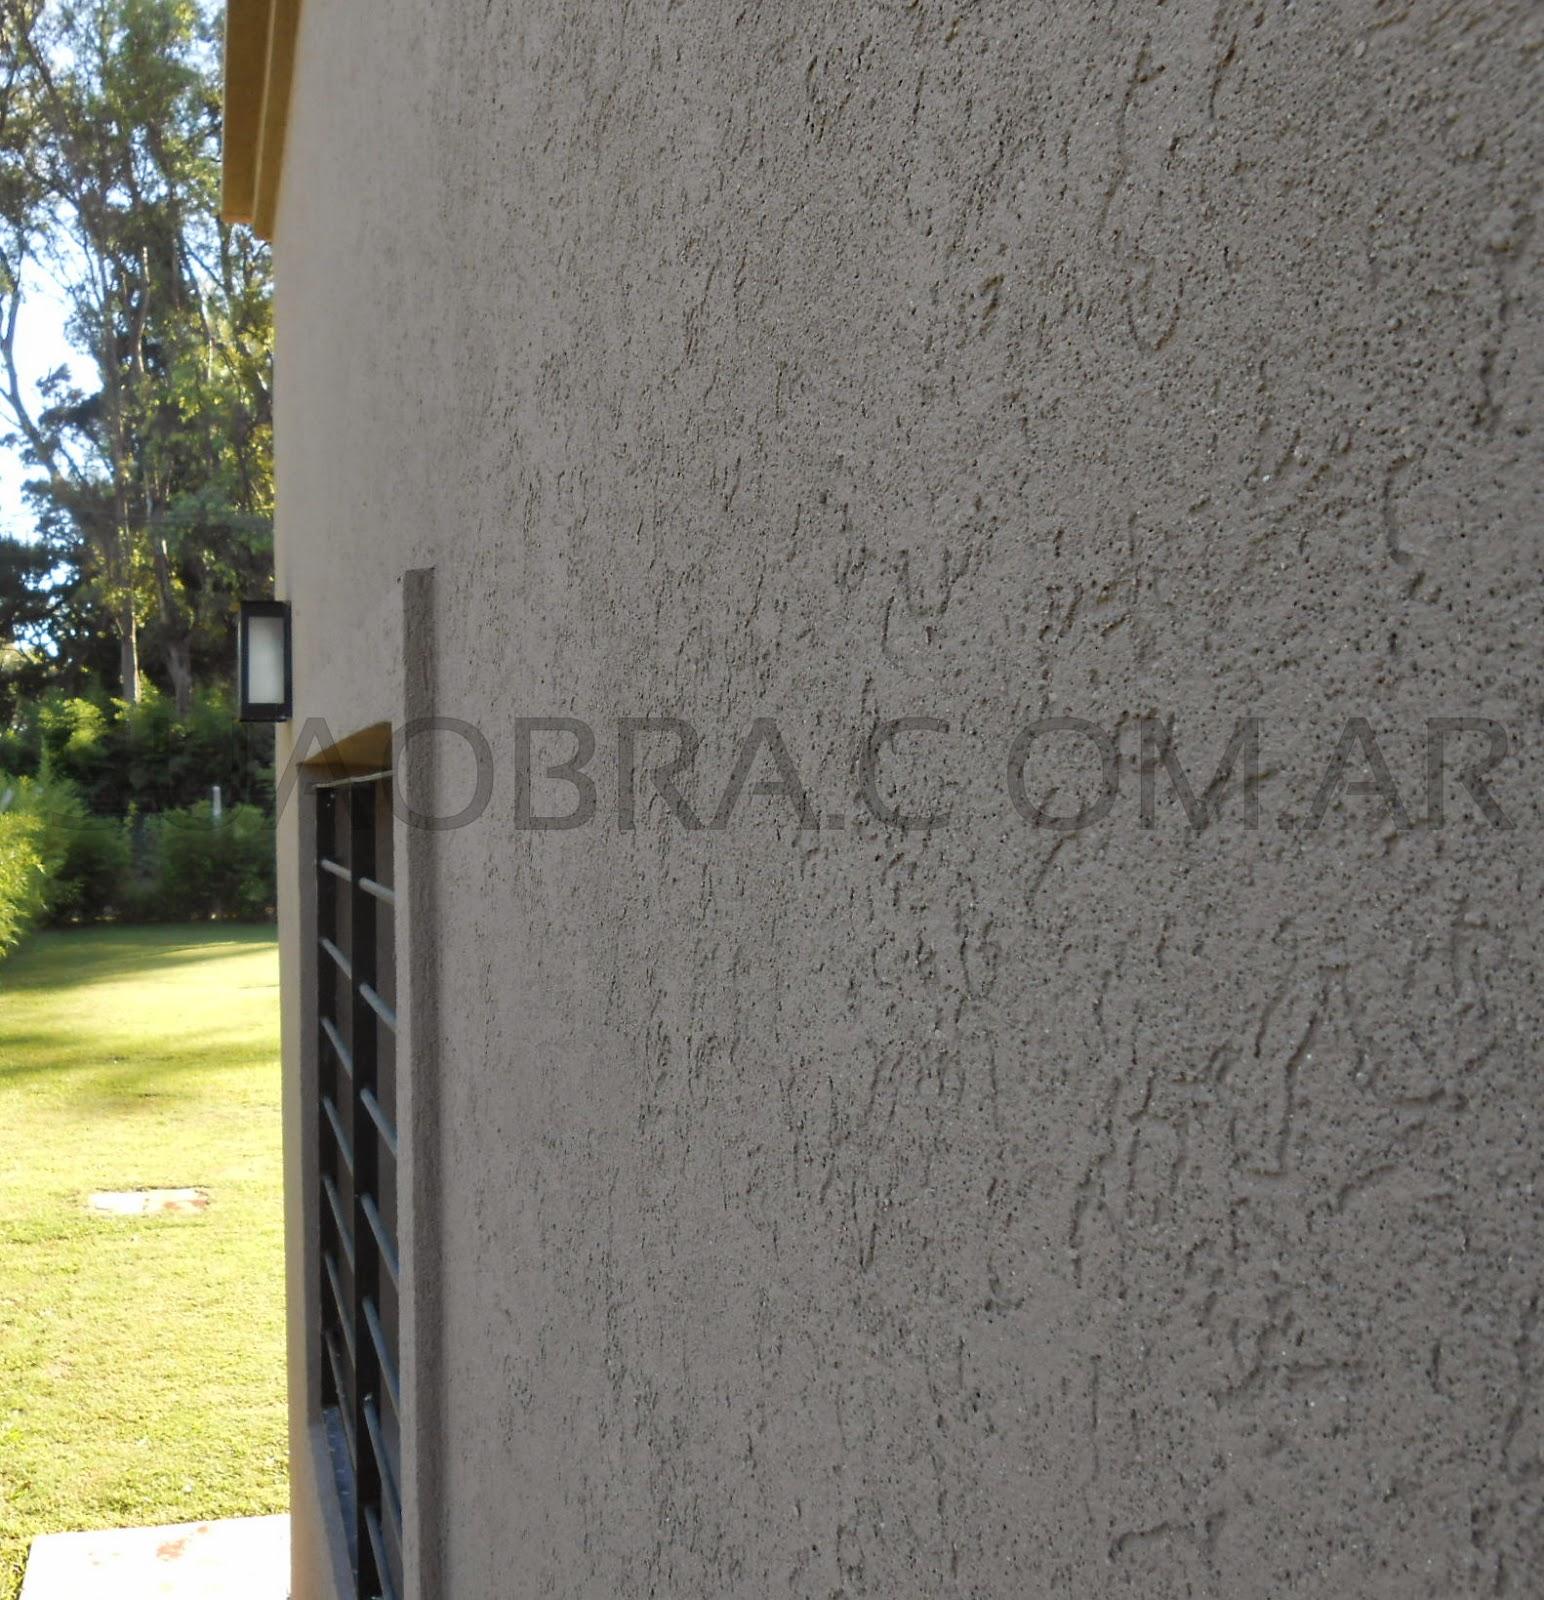 Colocacion profesional tarquini suaobra com ar - Revestimiento en piedra para exterior ...